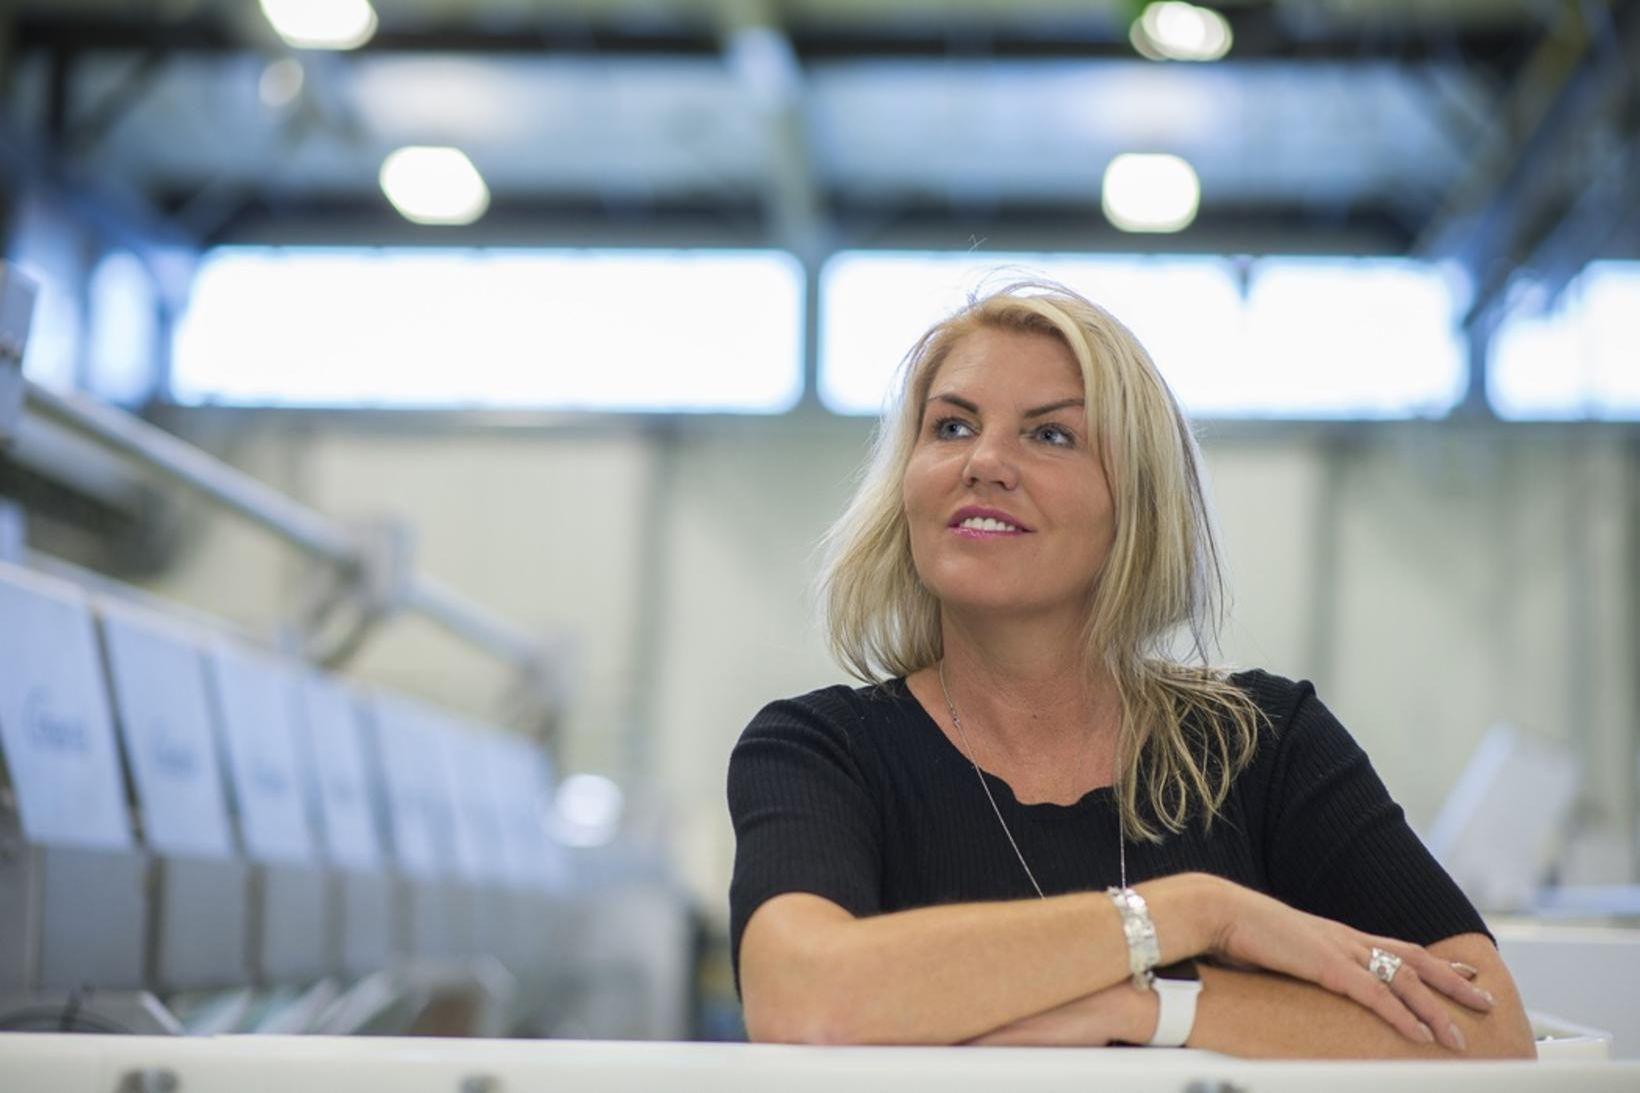 Berta Daníelsdóttir hættir sem framkvæmdastjóri Sjávarklasans og tekur 1. september …